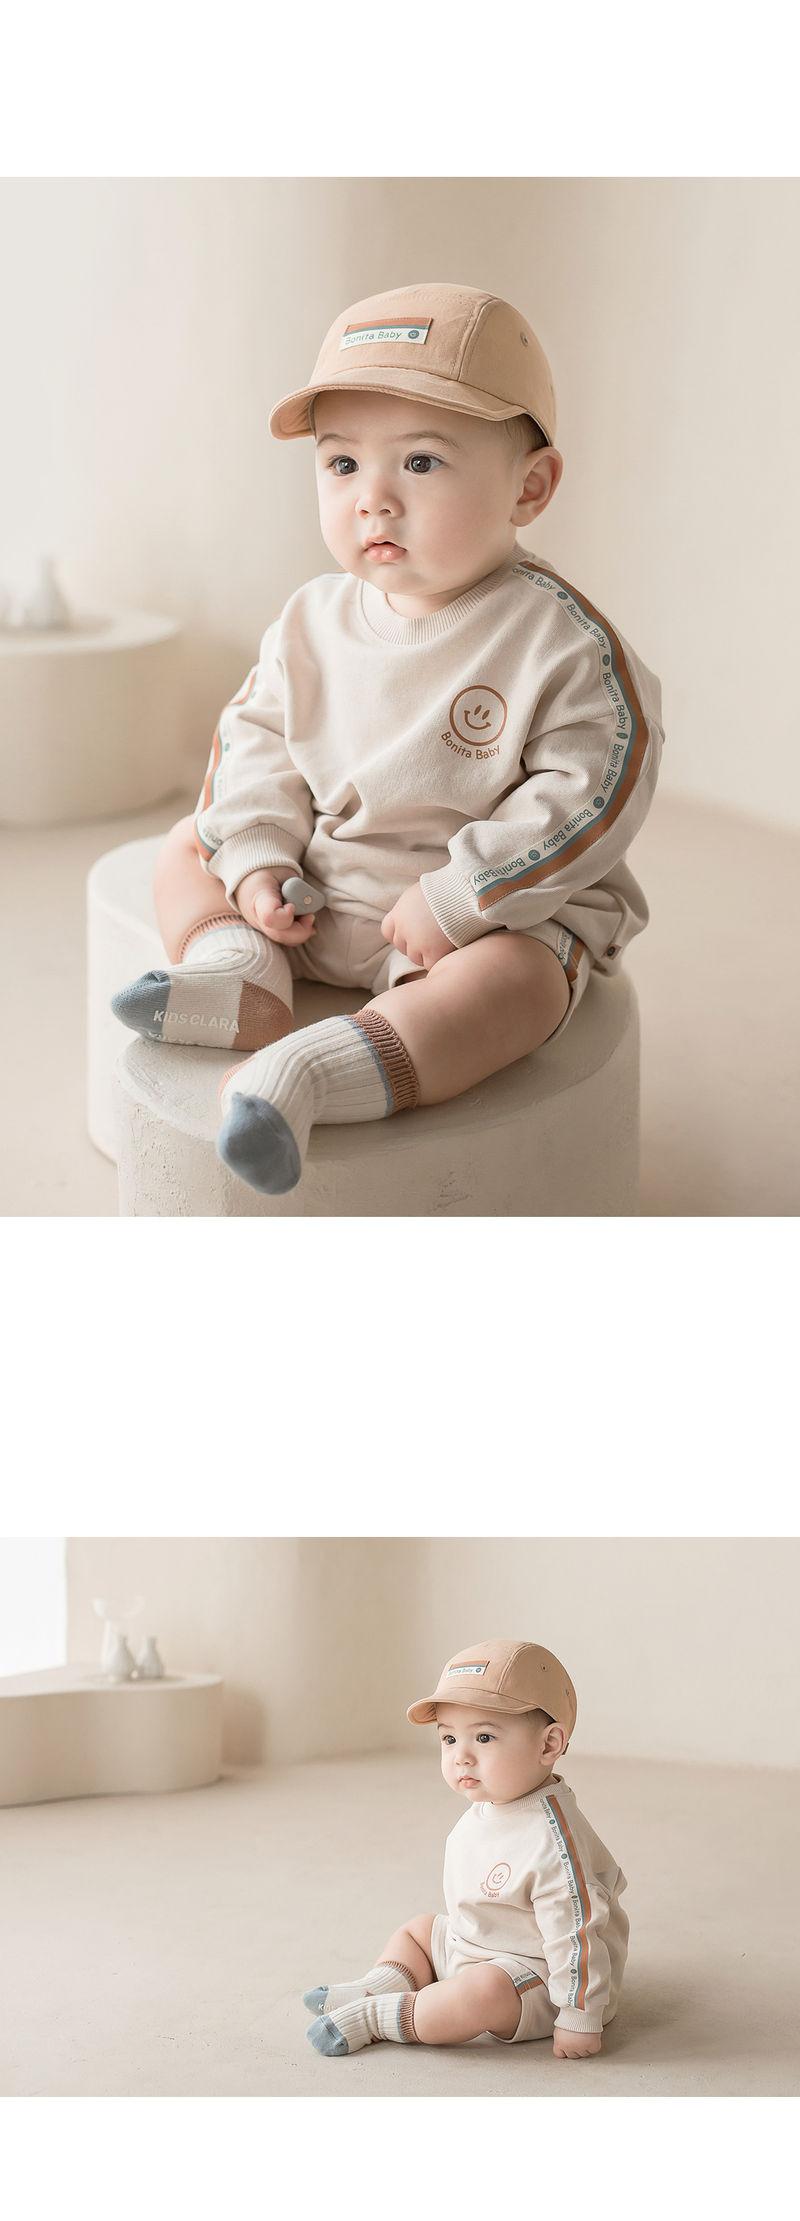 HAPPY PRINCE - Korean Children Fashion - #Kfashion4kids - Dico Baby Top and Bottom - 3